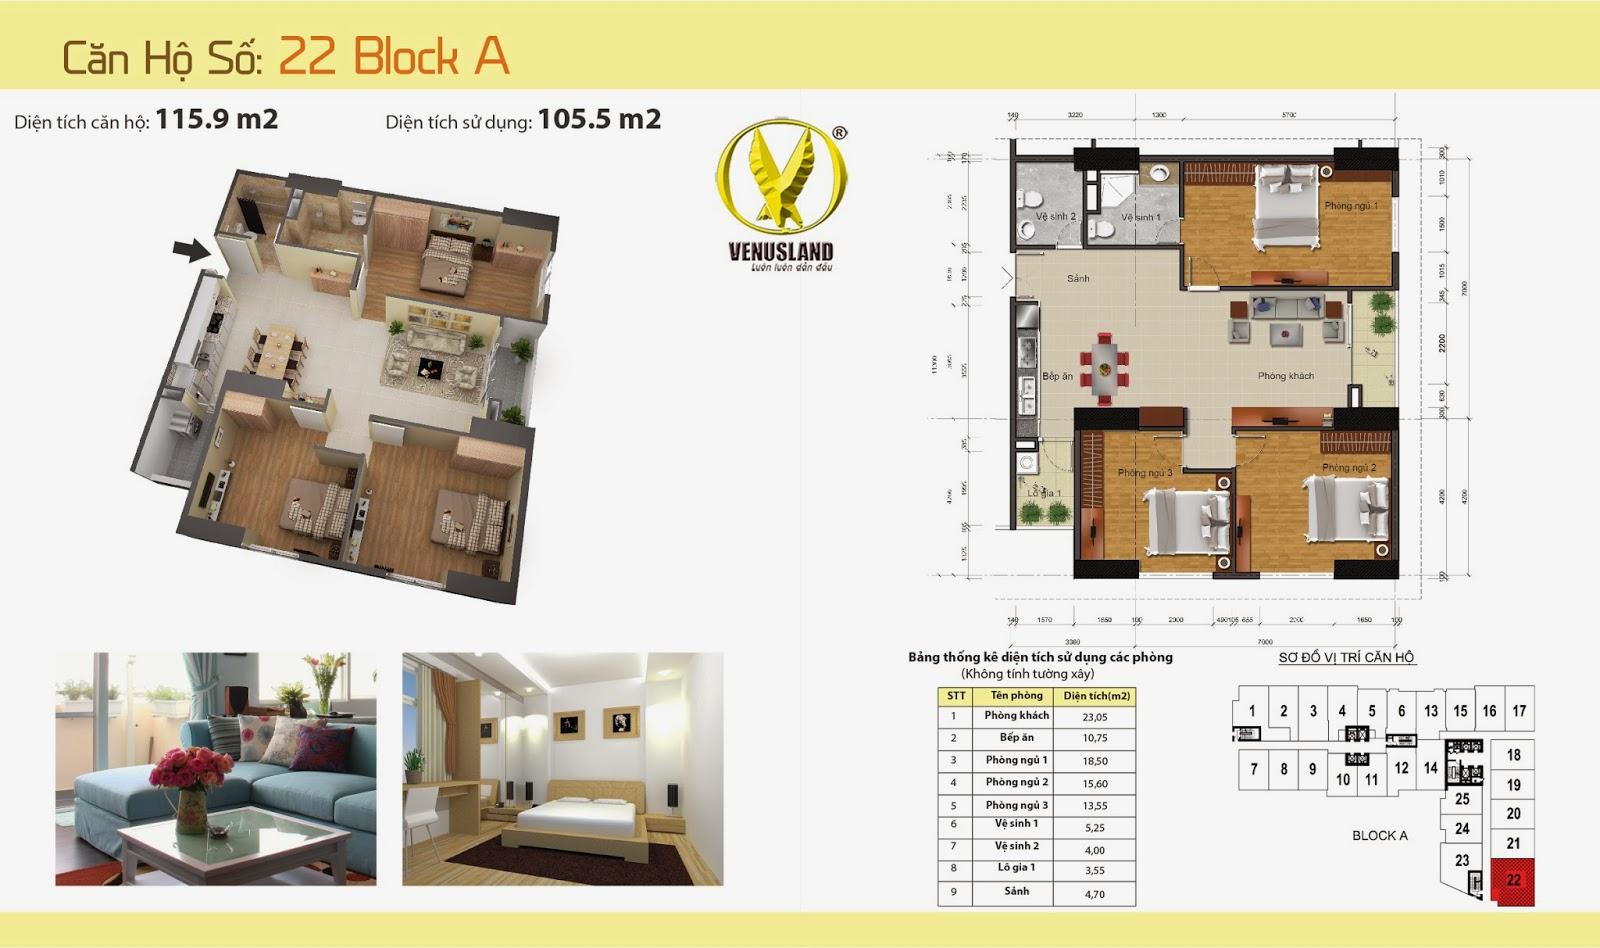 Sơ đồ mặt bằng dự án chung cư Gemek Tower Blok A